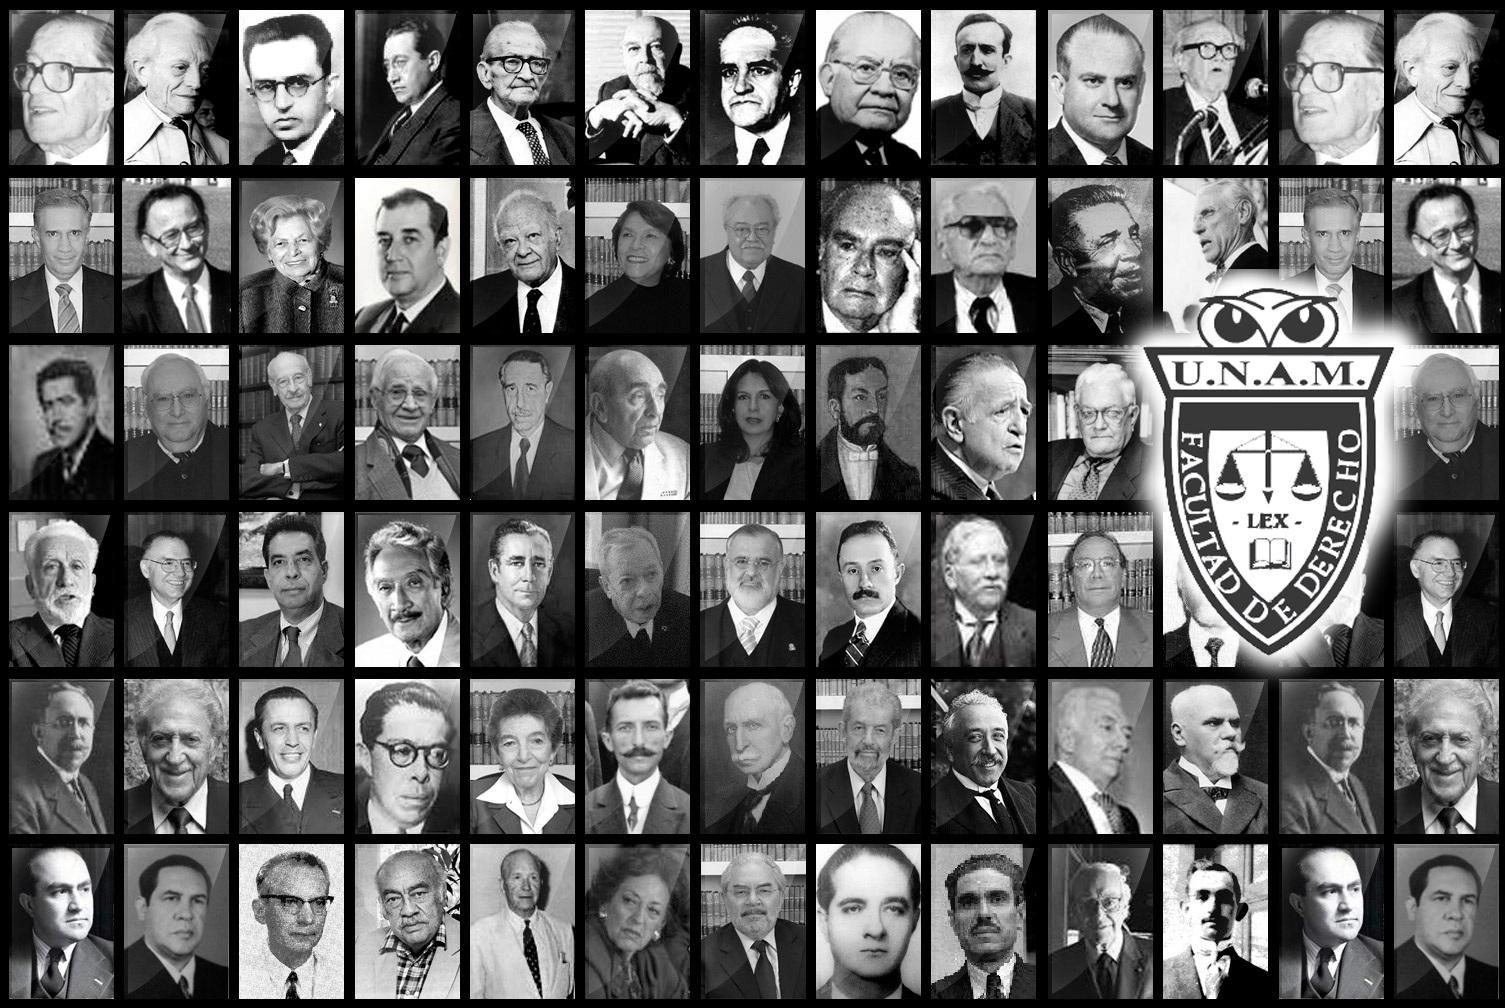 Juristas UNAM